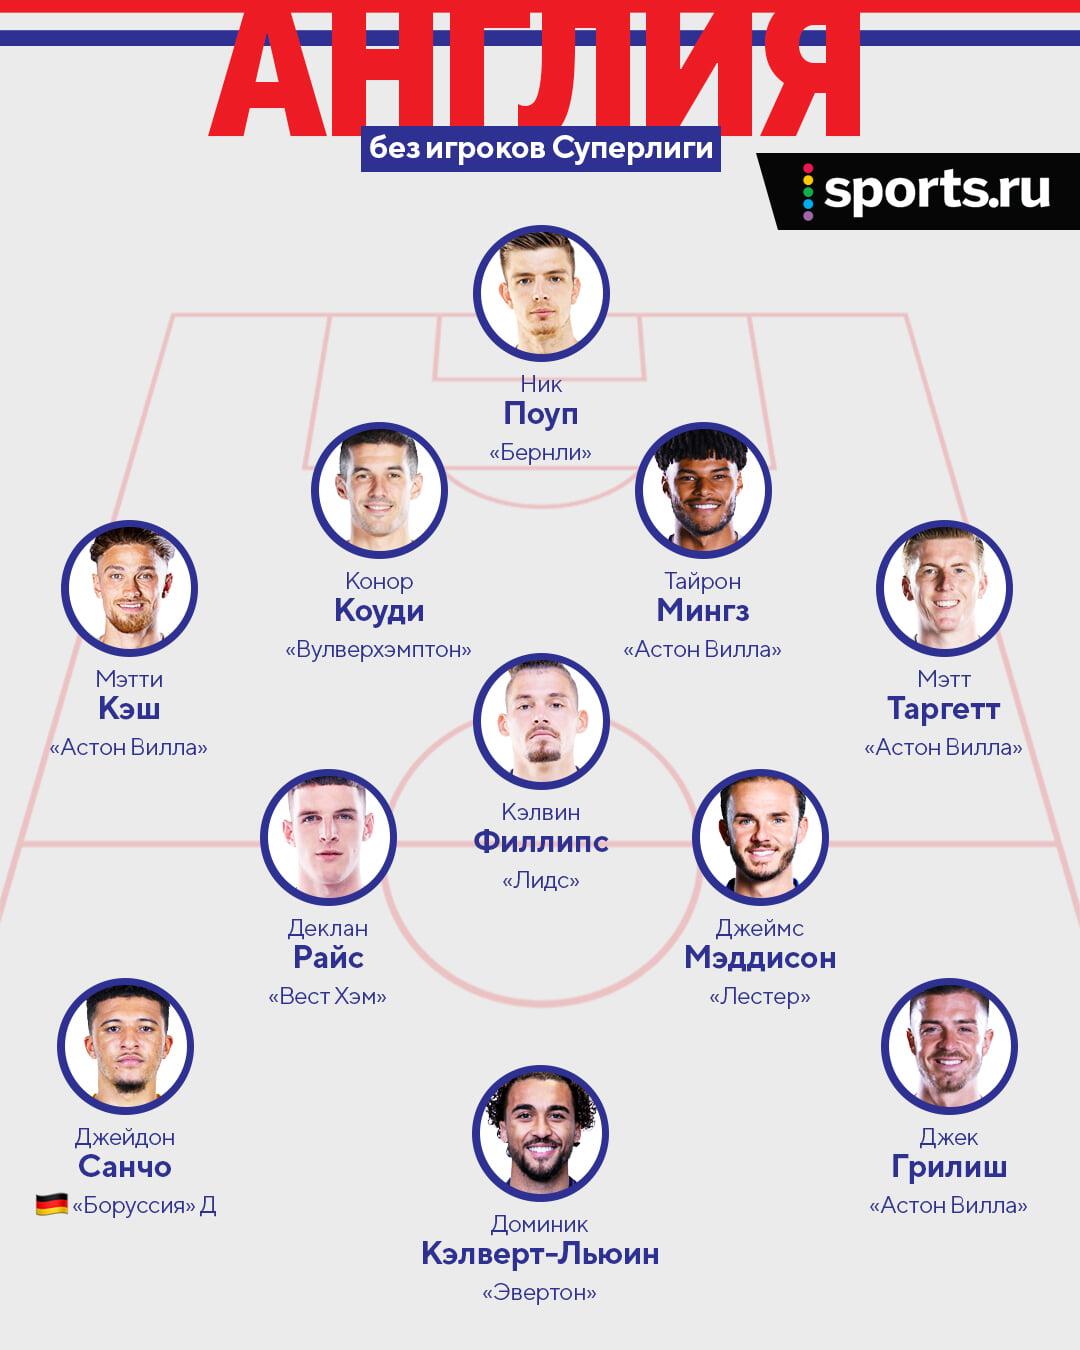 УЕФА грозится не пустить на Евро игроков из клубов Суперлиги. Какими сборные получатся без них?